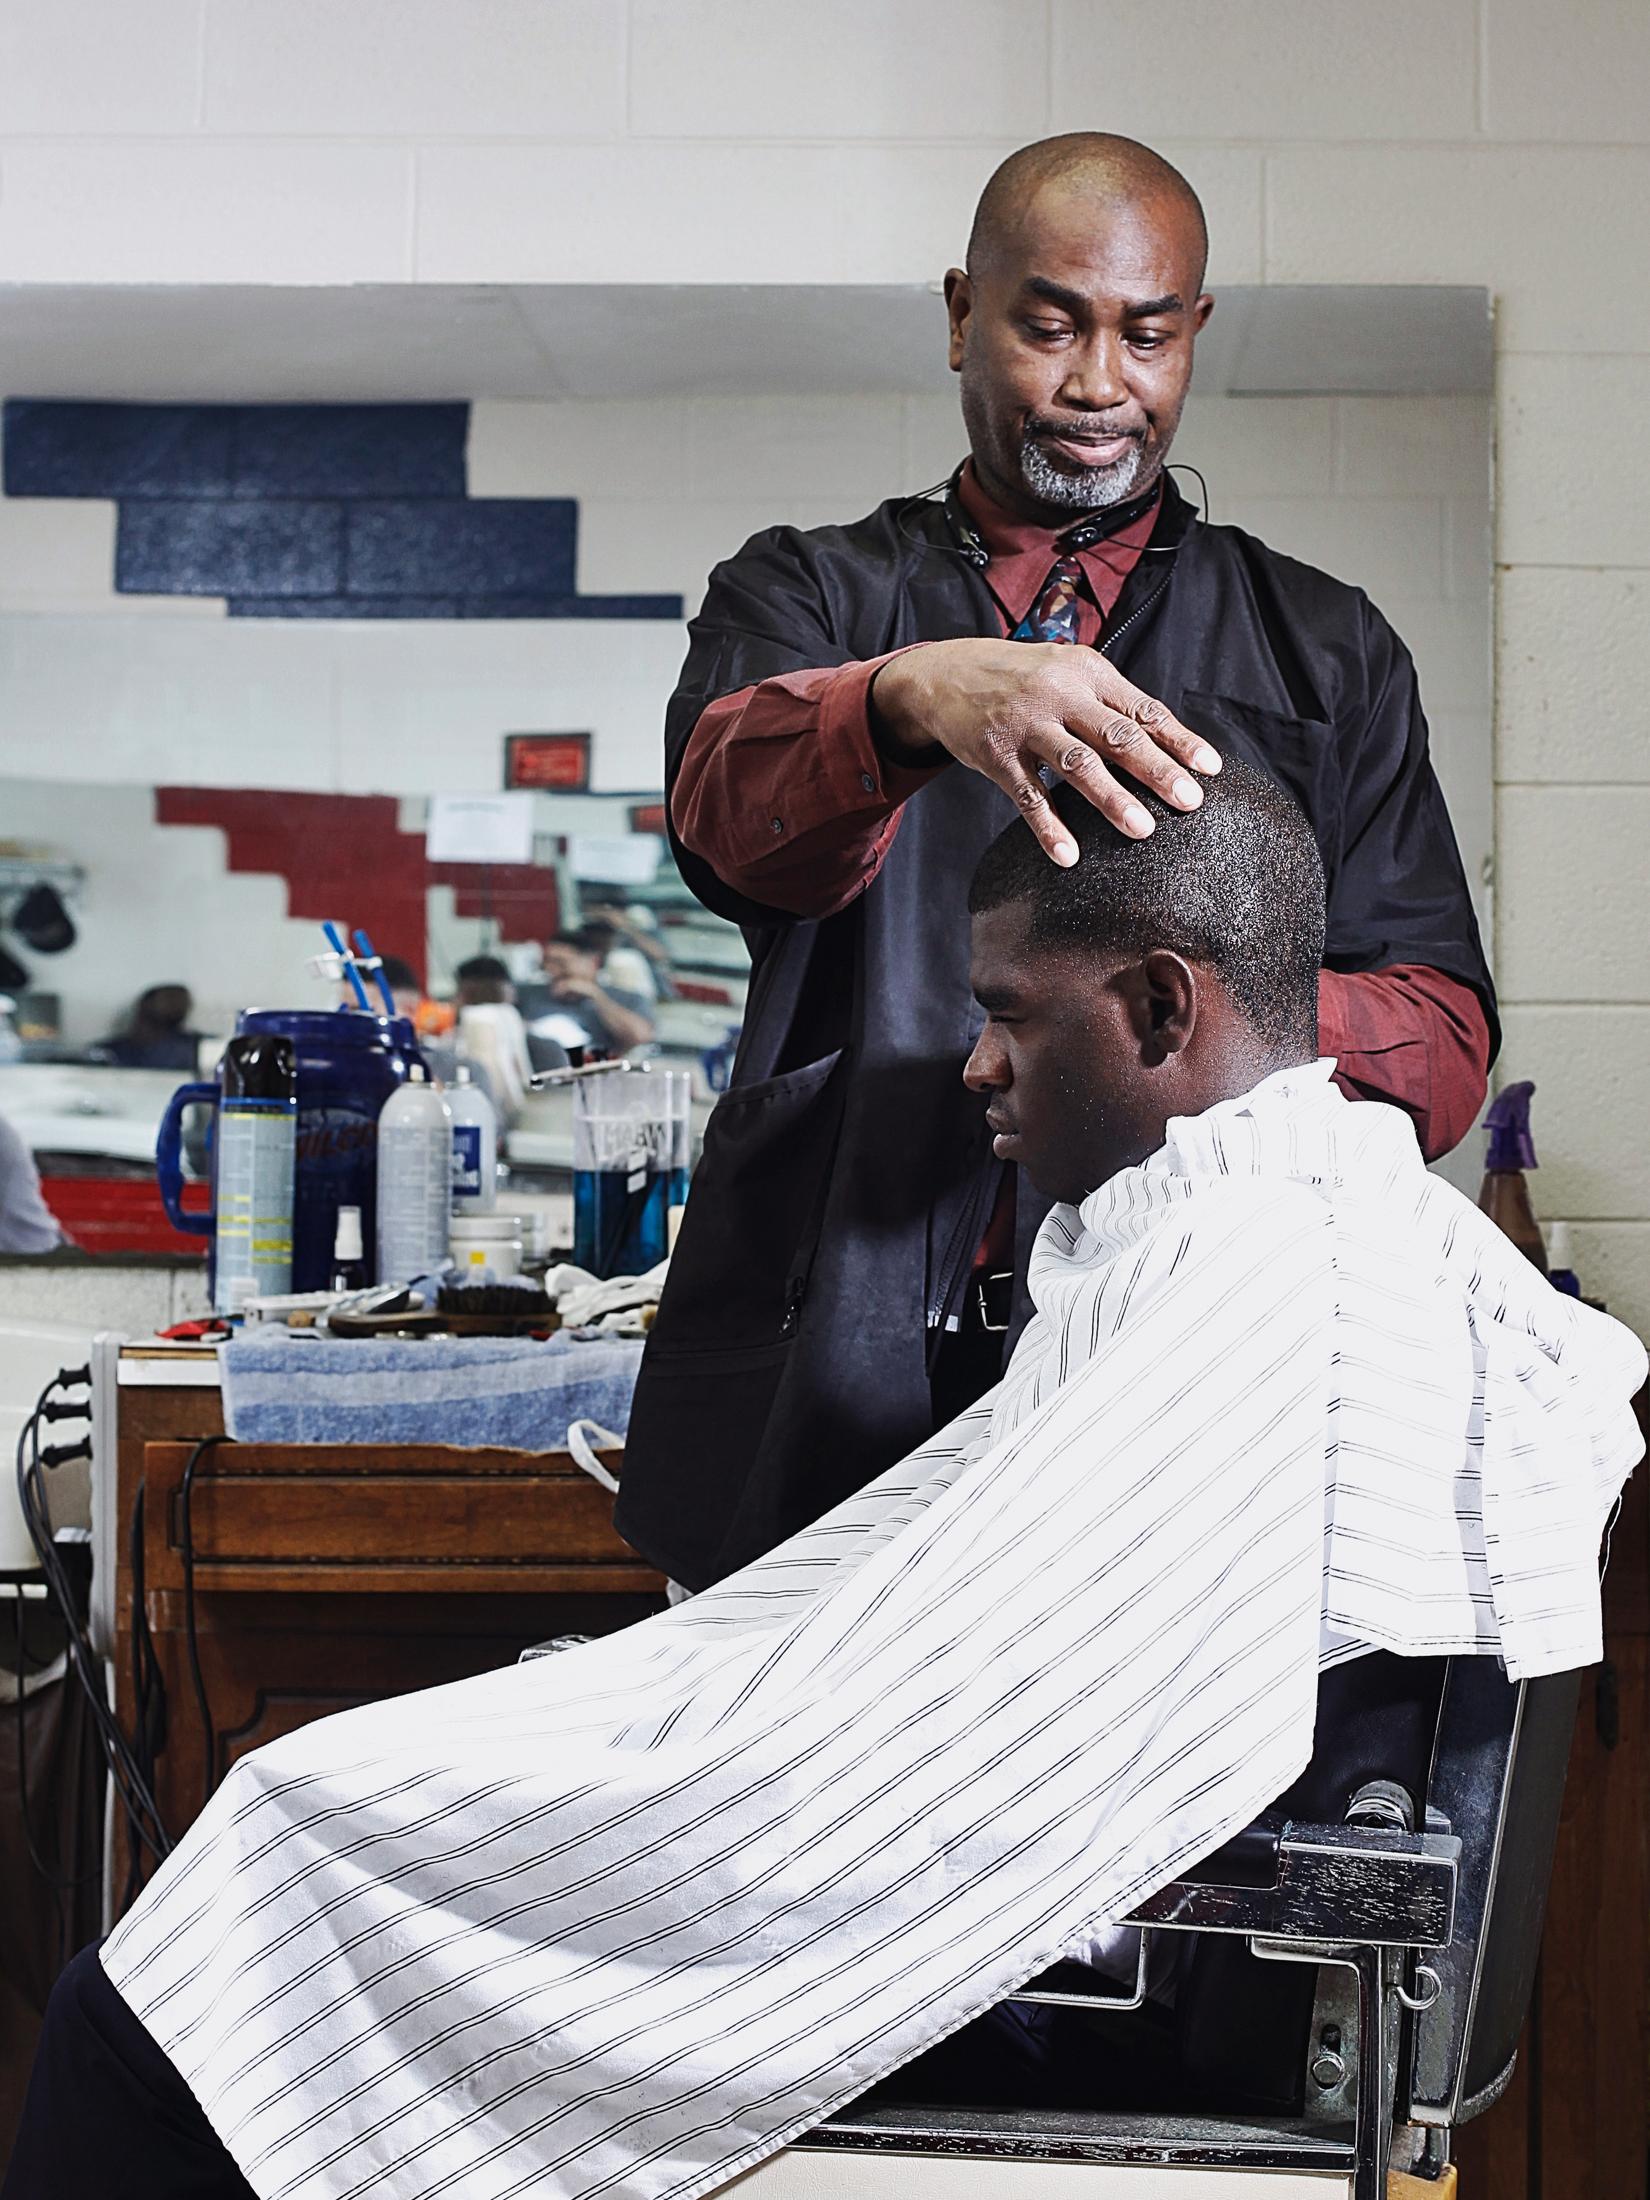 shane_deruise_rod_barber_3.jpg